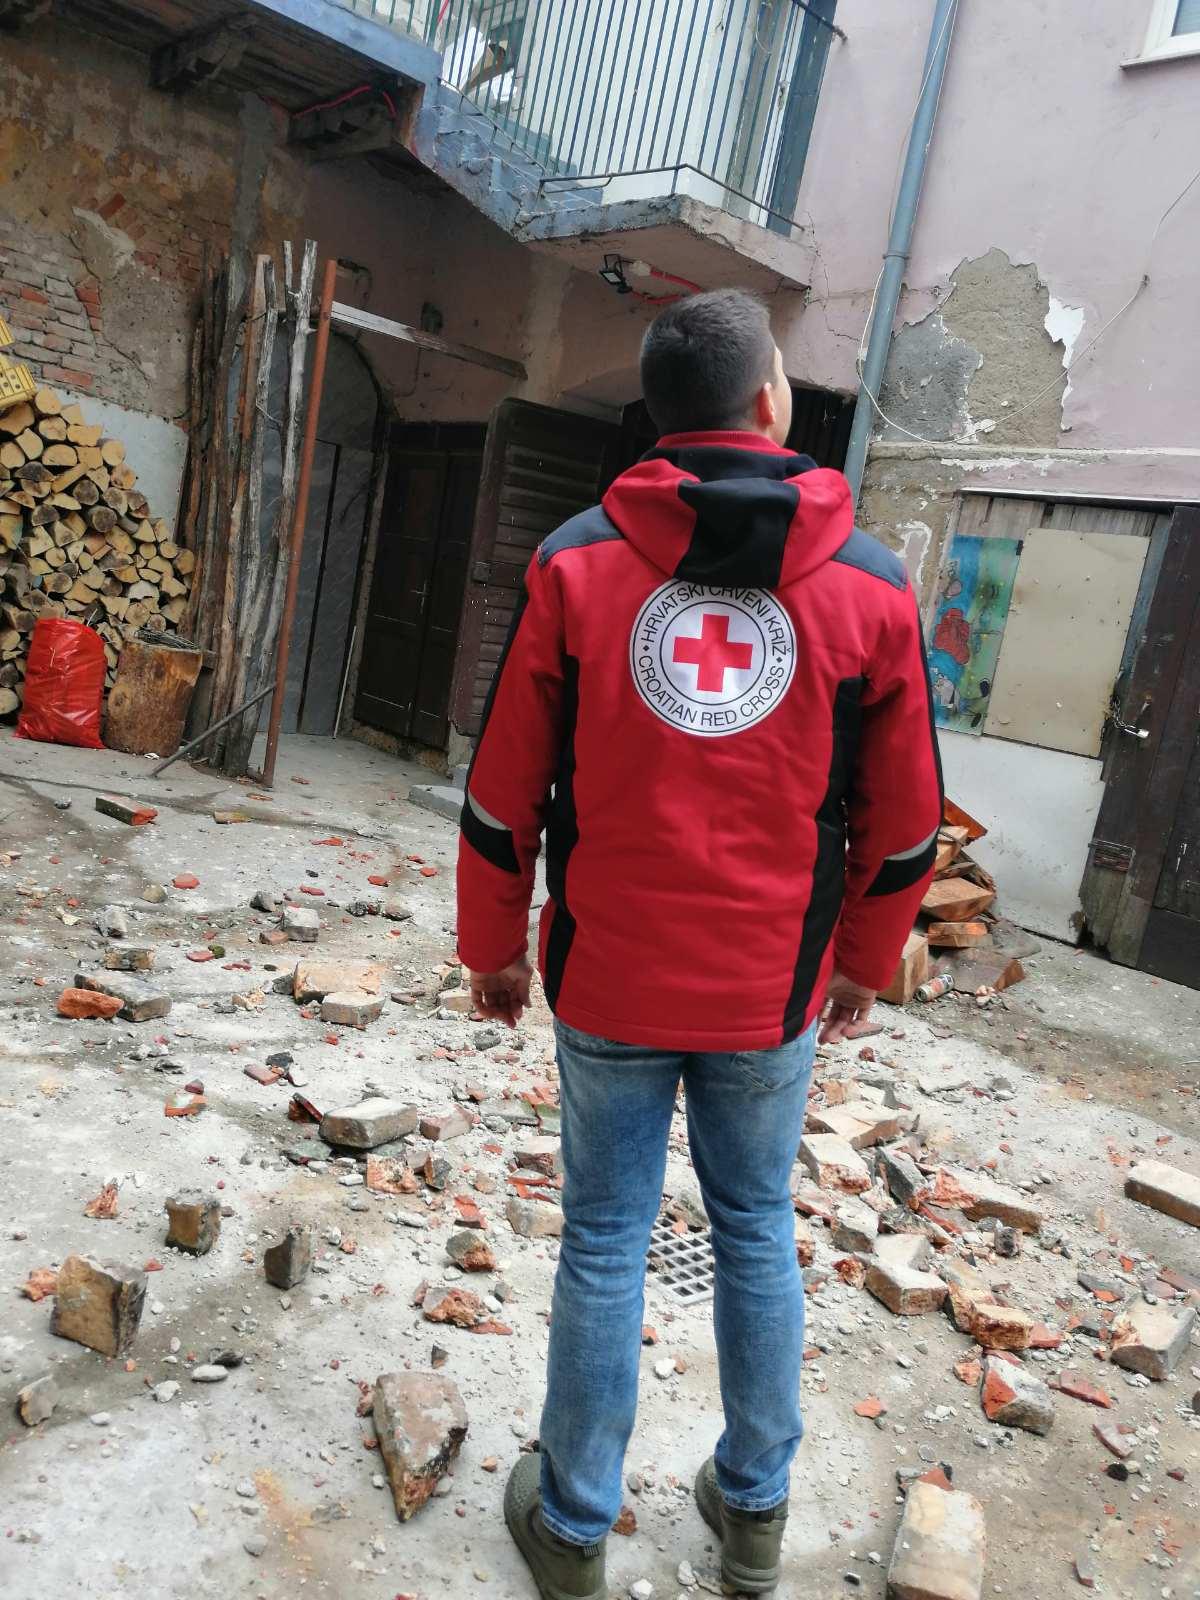 Hrvatski Crveni križ (Croce Rossa Croata) – Petrinji (HR), I primi soccorsi alla popolazione dopo il sisma di oggi di Magnitudo 6.4